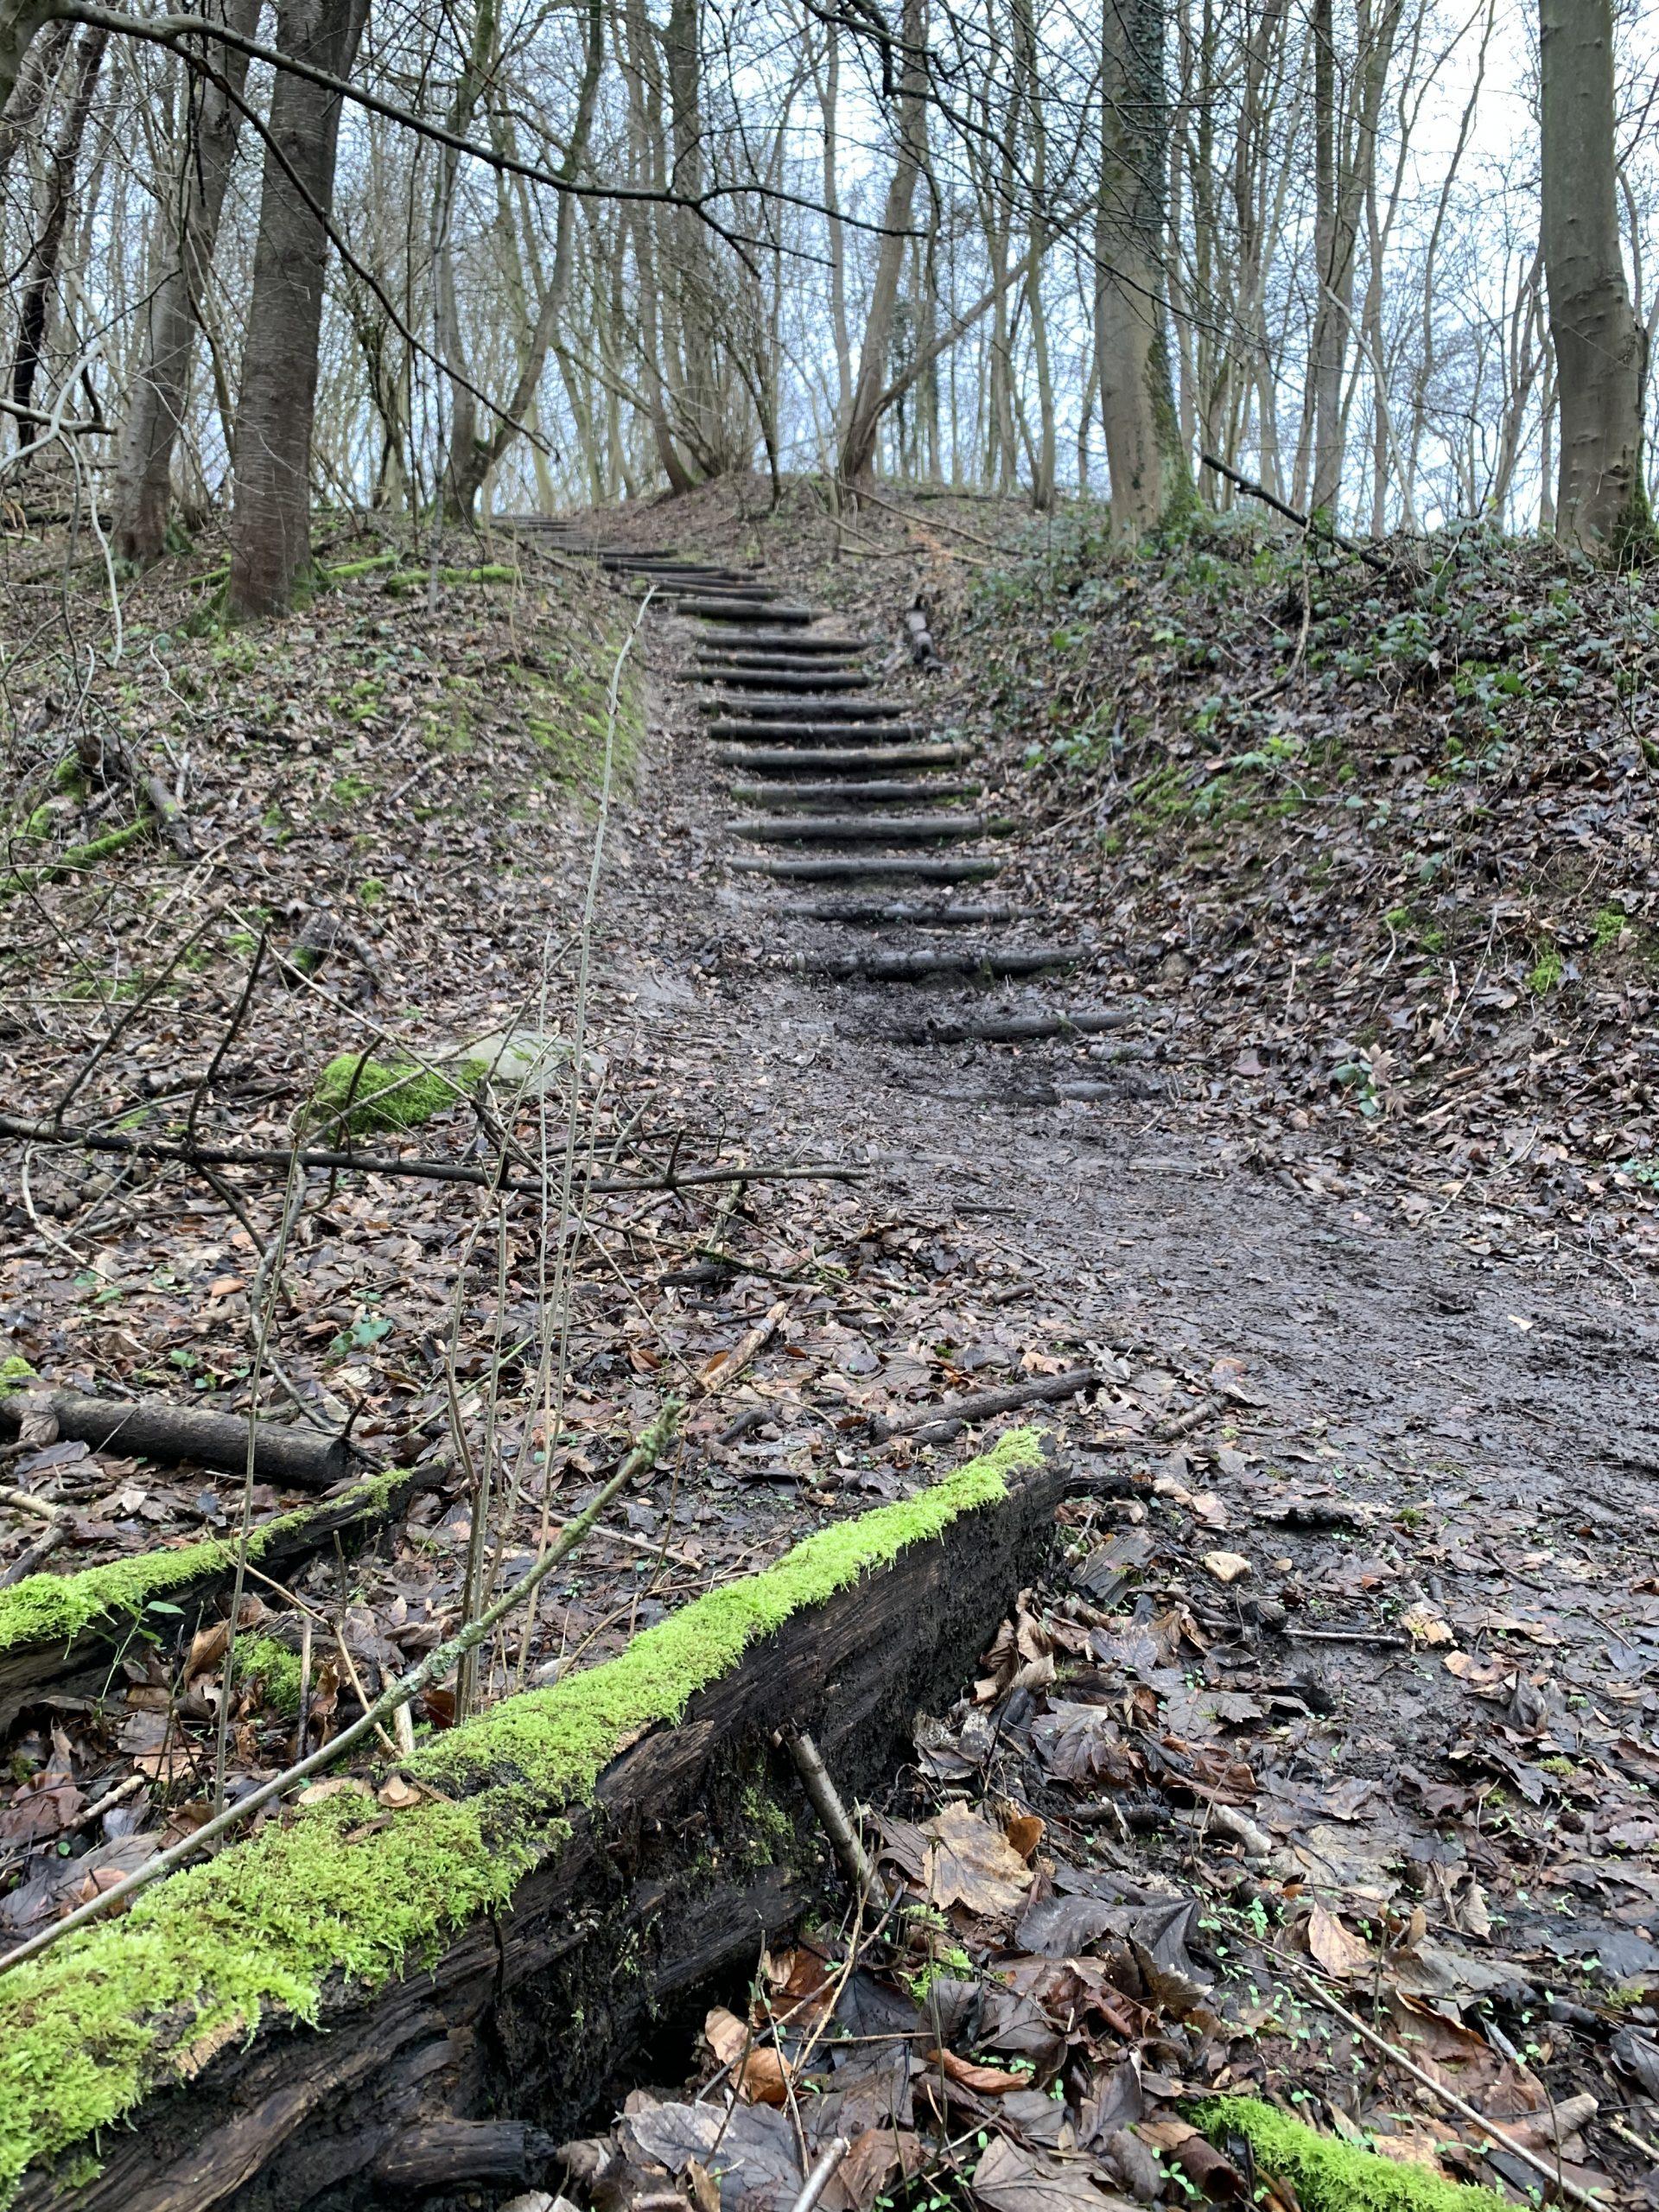 cammino della fortuna dag 26 je doel halen stap voor stap